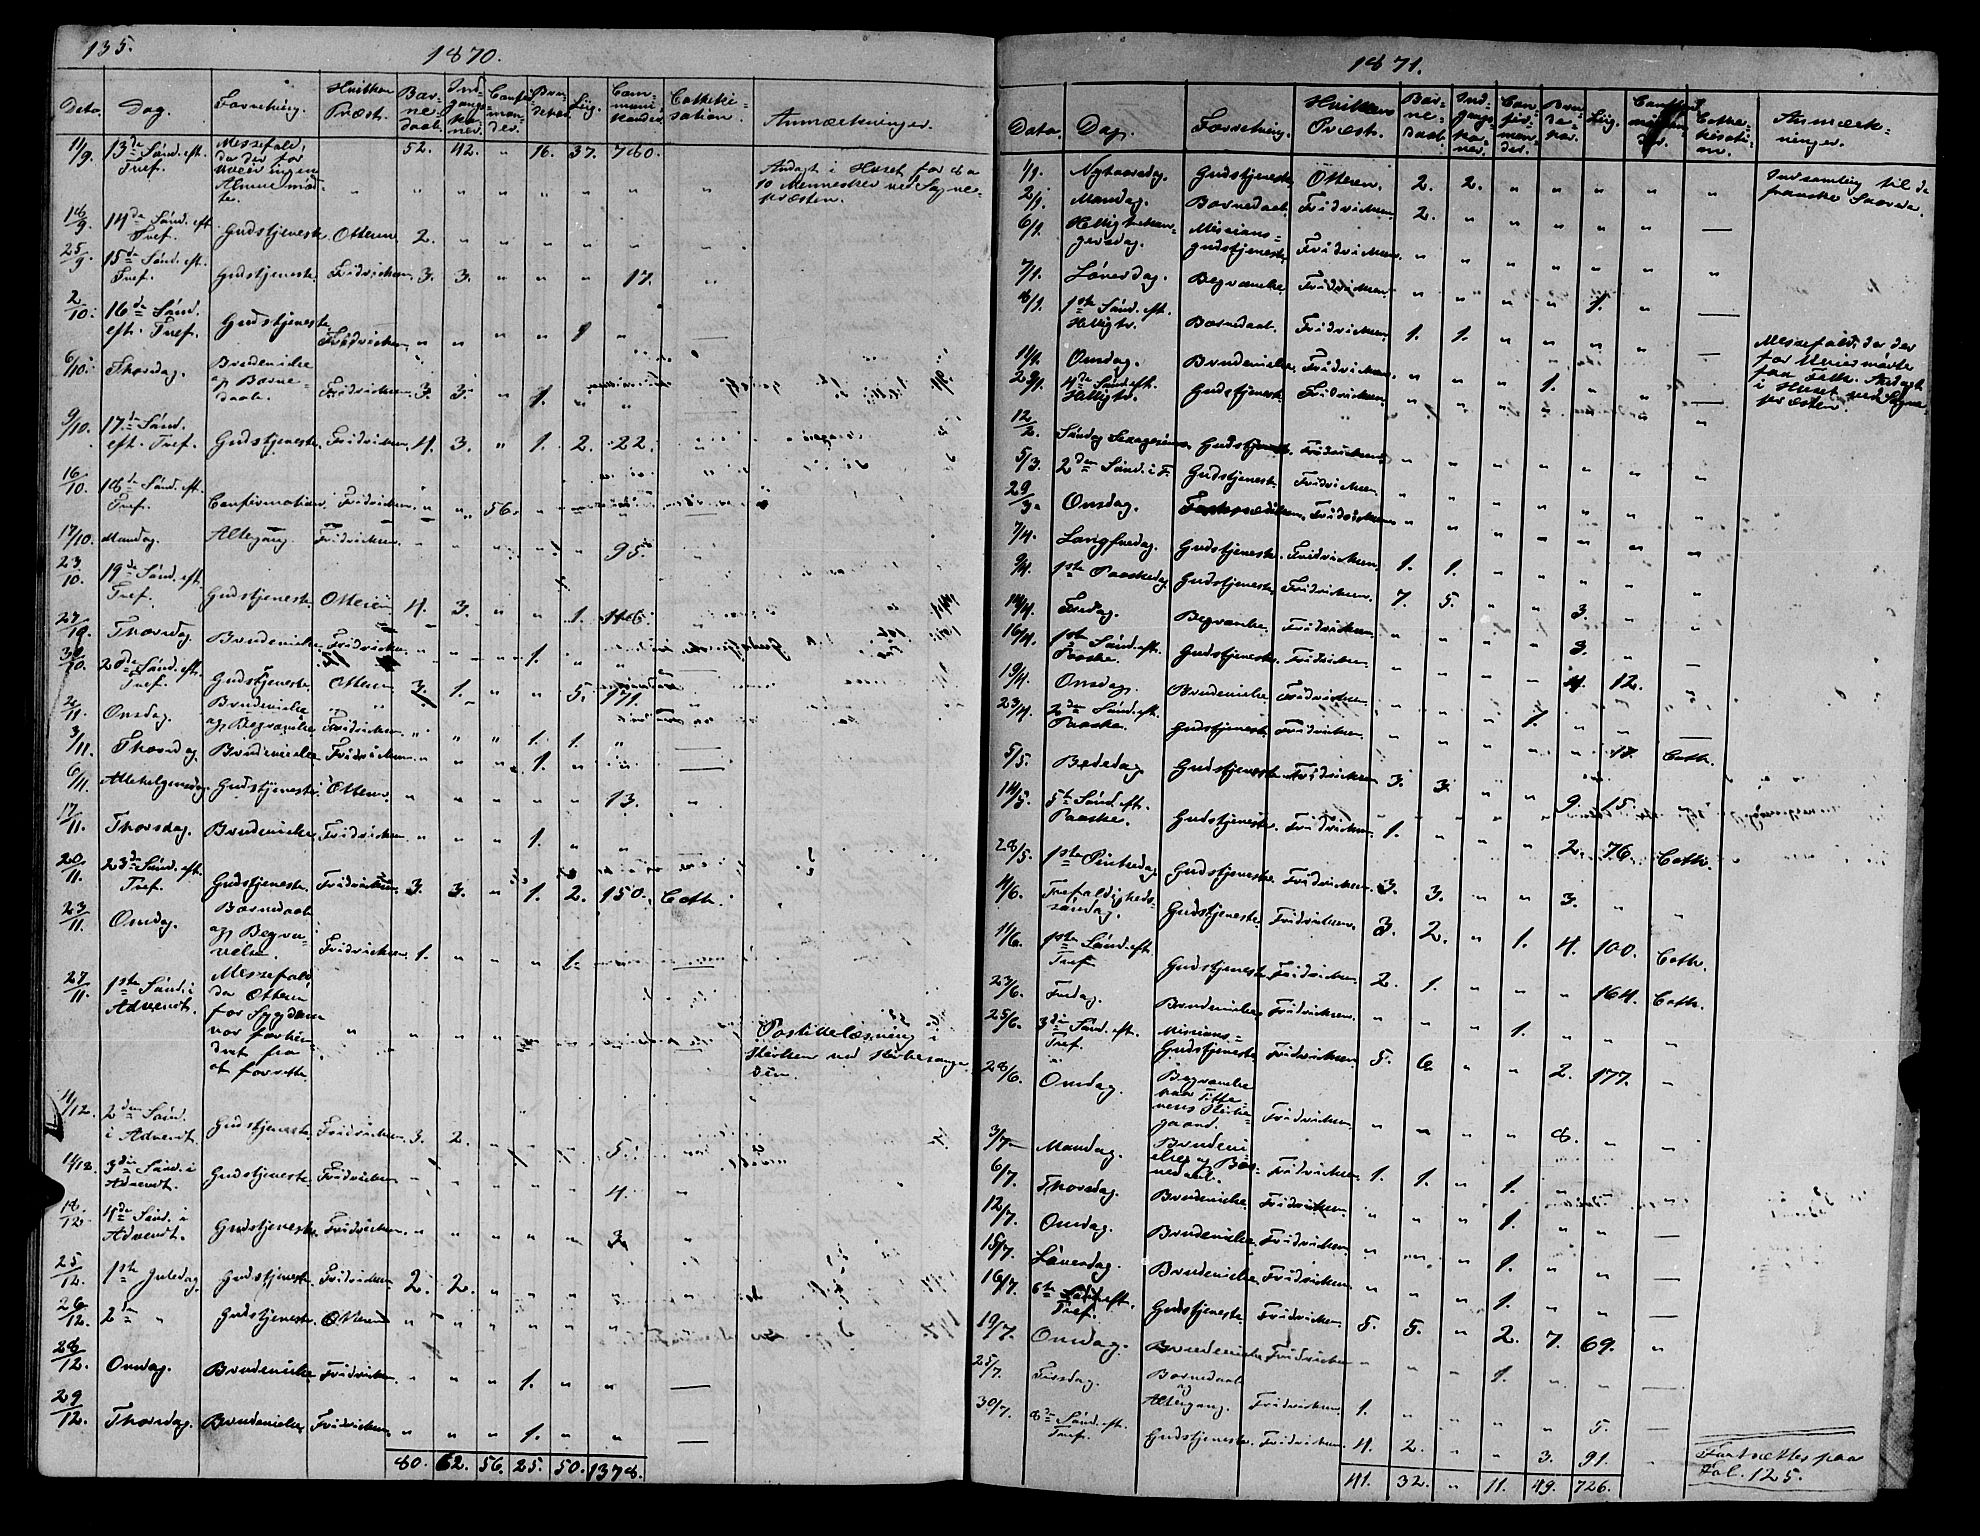 SAT, Ministerialprotokoller, klokkerbøker og fødselsregistre - Sør-Trøndelag, 634/L0539: Klokkerbok nr. 634C01, 1866-1873, s. 135